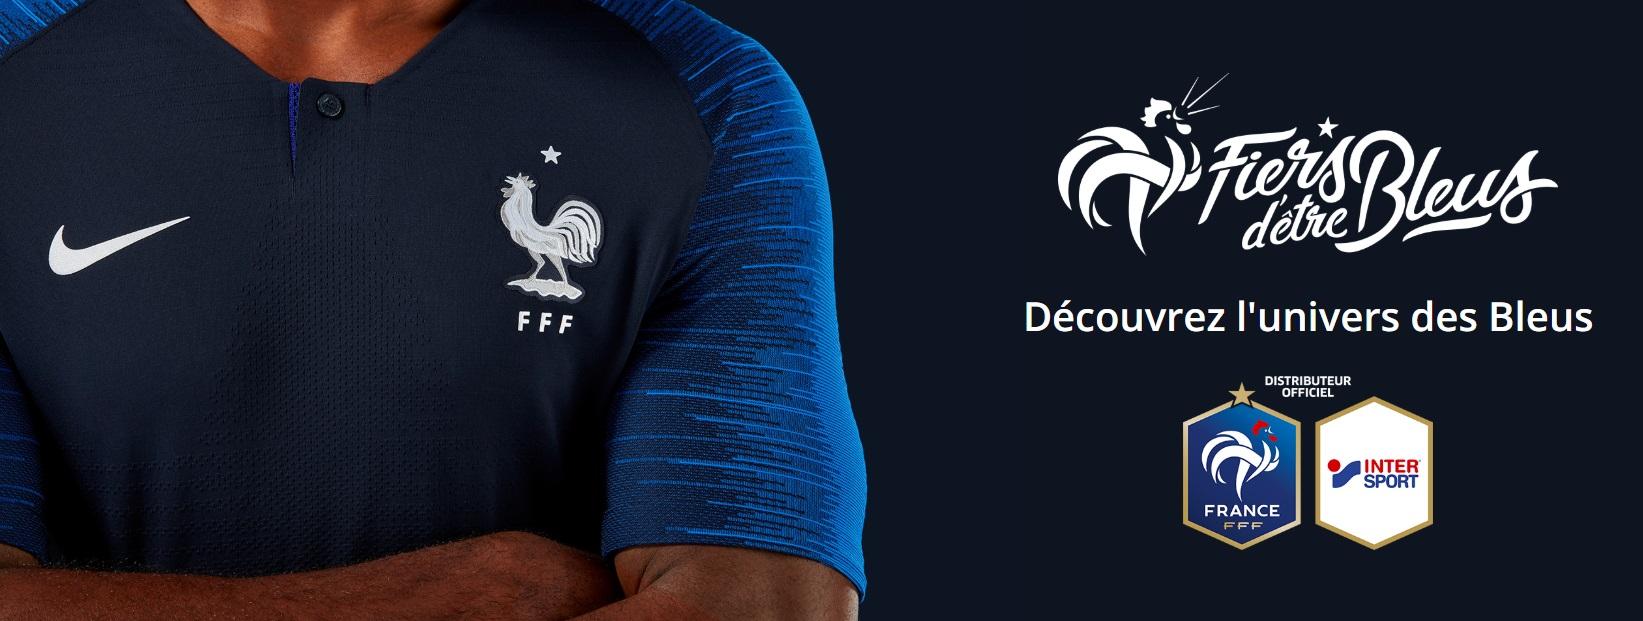 a03fa161d Coupe du Monde 2018 - Intersport booste ses ventes de maillots Nike ...